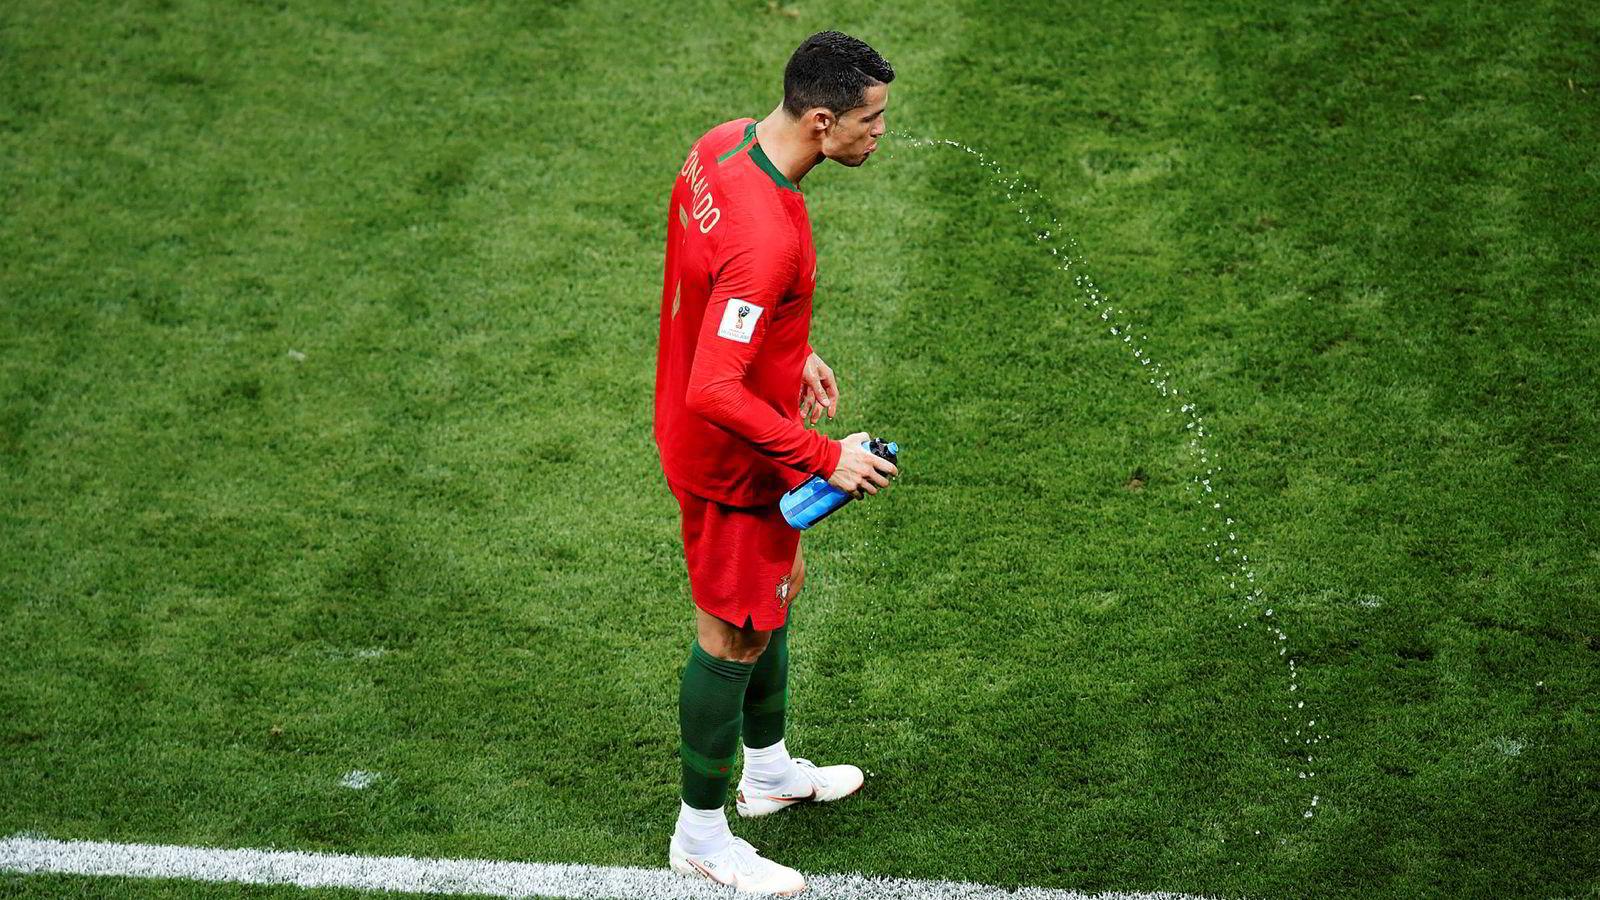 Portugals Cristiano Ronaldo spytter ut sportsdrikken under kampen mot Iran under sommerens VM i fotball i Moskva. – Det spekuleres i om det finnes en form for karbohydratreseptorer i munnhulen. Bakgrunnen for at dette gjøres, er at det er flere studier som viser at man kan få en rask oppkvikkende stimuli på lik linje som ordinært inntak av karbohydratholdig drikke som svelges, sier ernæringsrådgiver Morten Mørland.